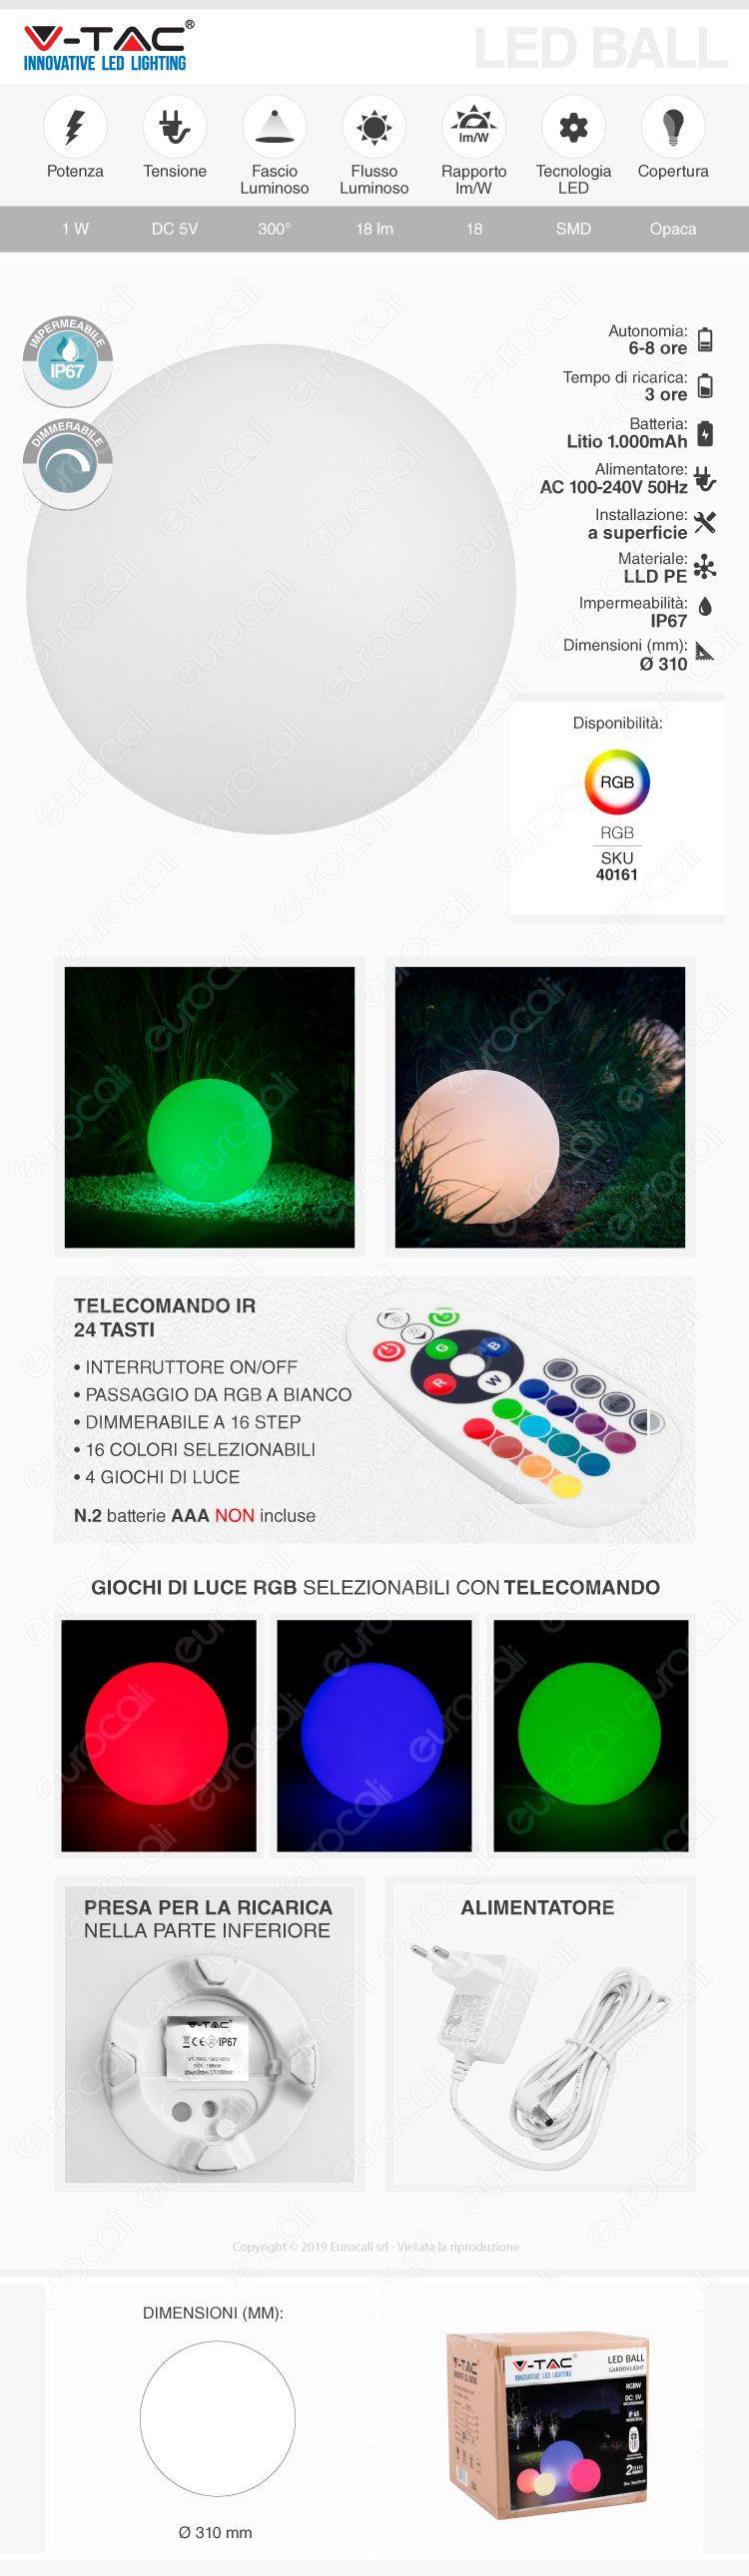 Lampada LED Sfera RGB+W 1W VT-7803 V-Tac Ricaricabile e Telecomando